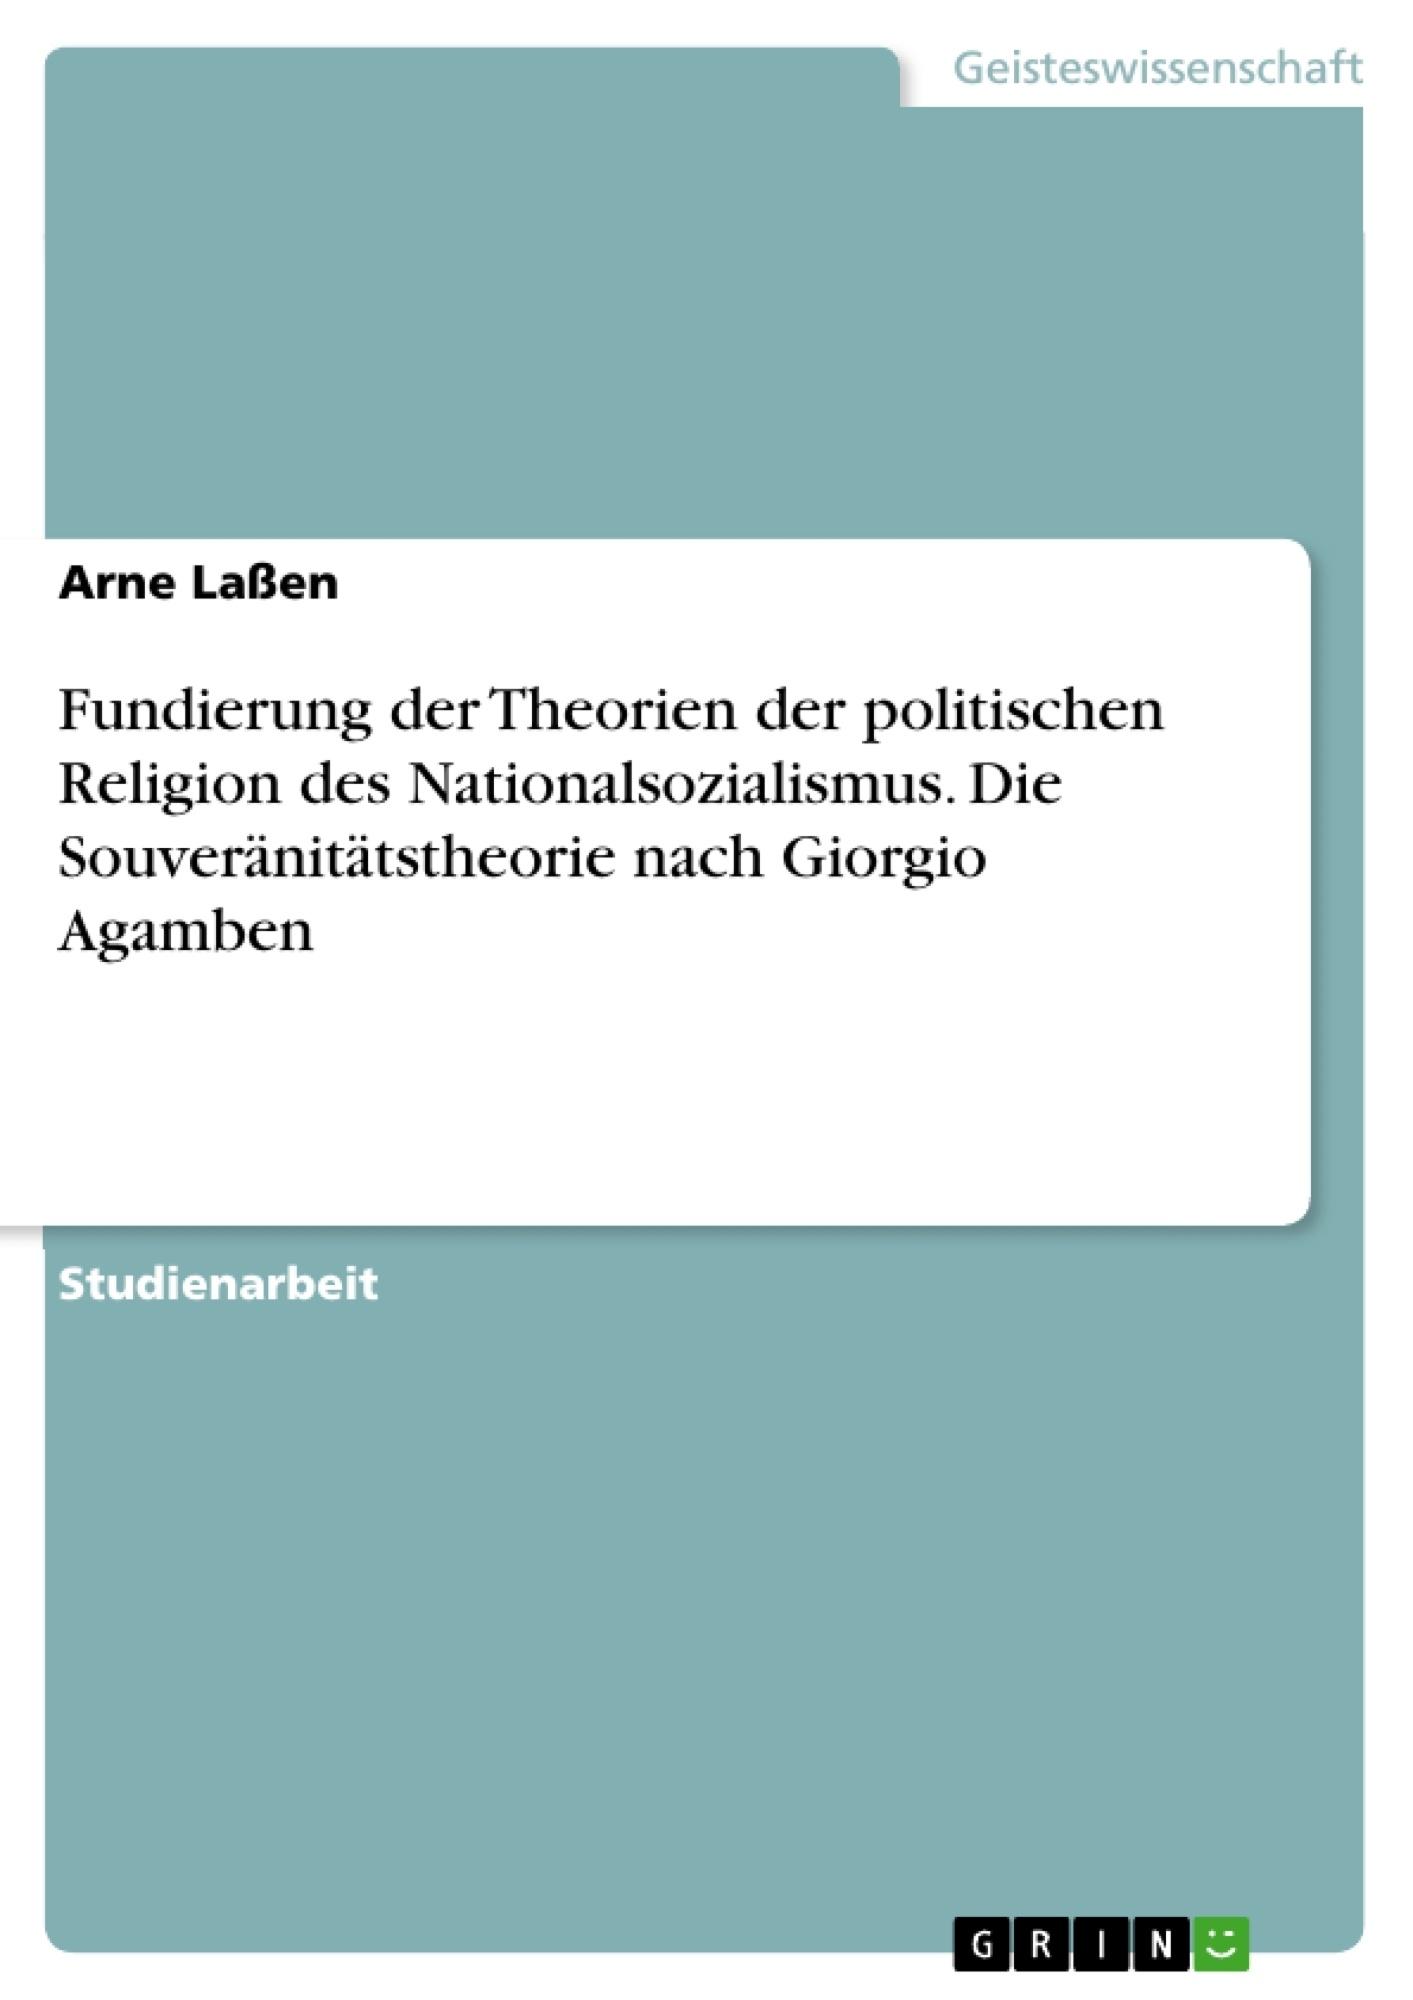 Titel: Fundierung der Theorien der politischen Religion des Nationalsozialismus. Die Souveränitätstheorie nach Giorgio Agamben